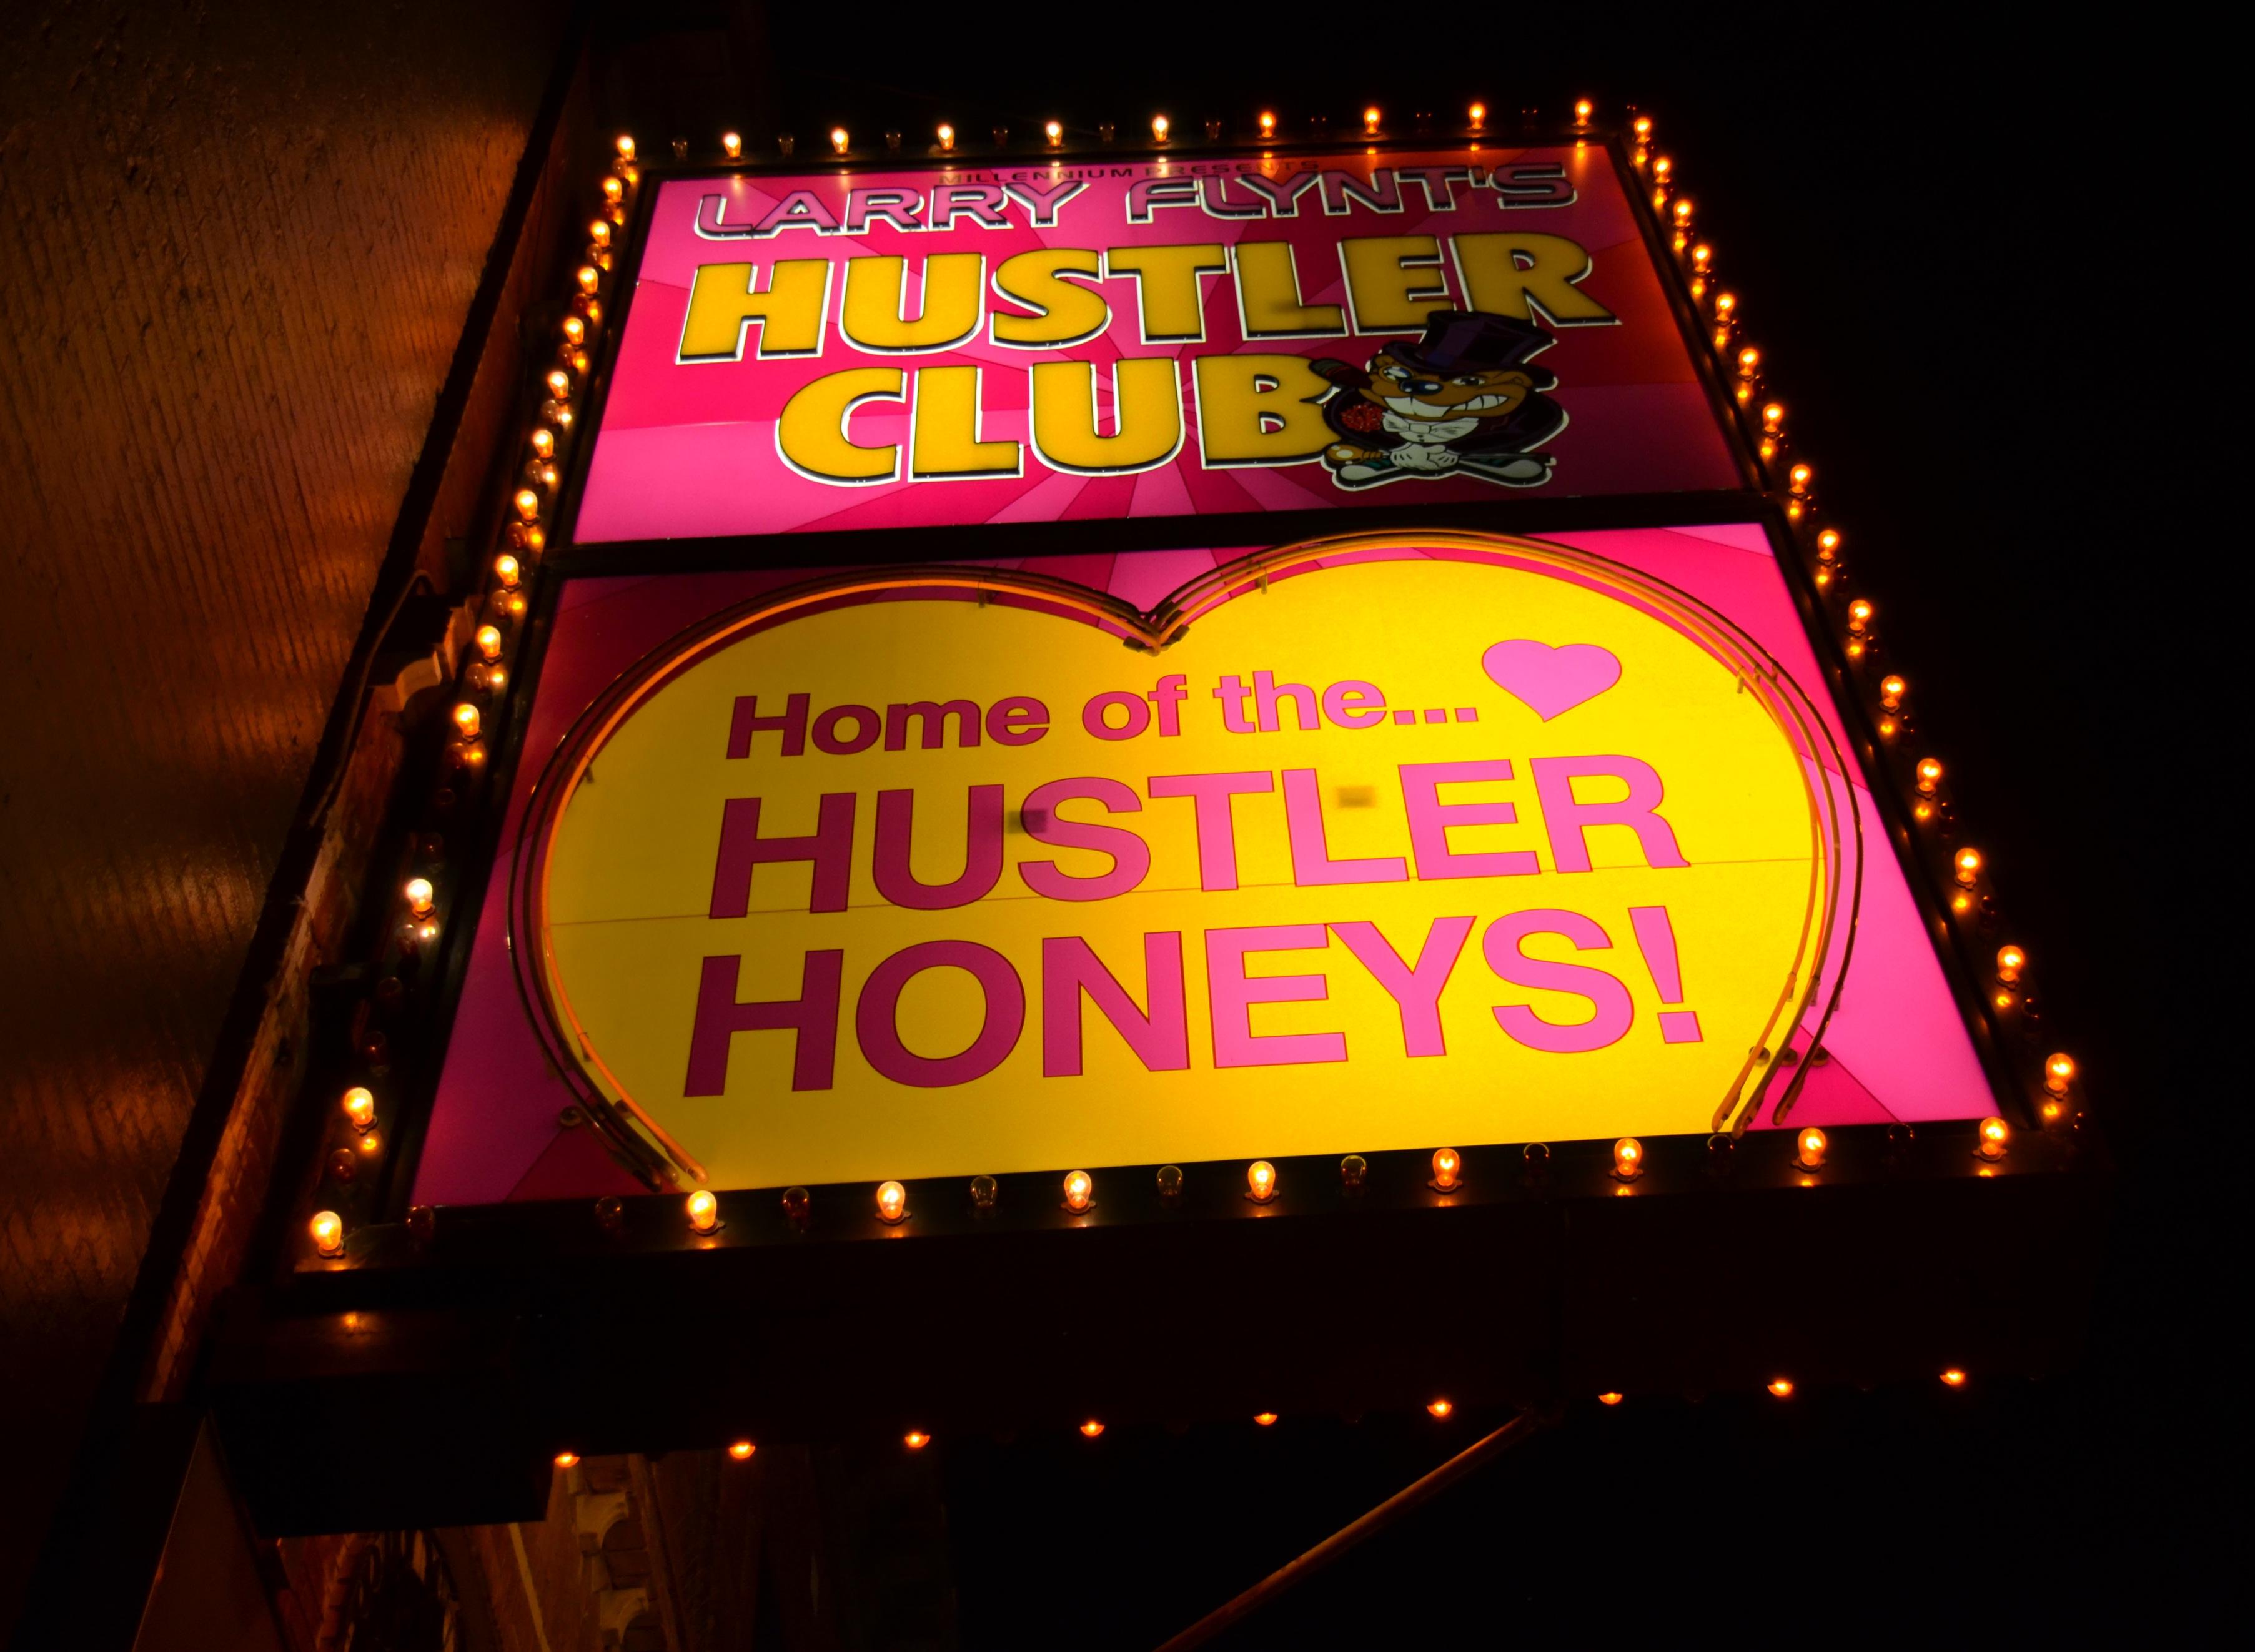 Larry flint hustler clubs the